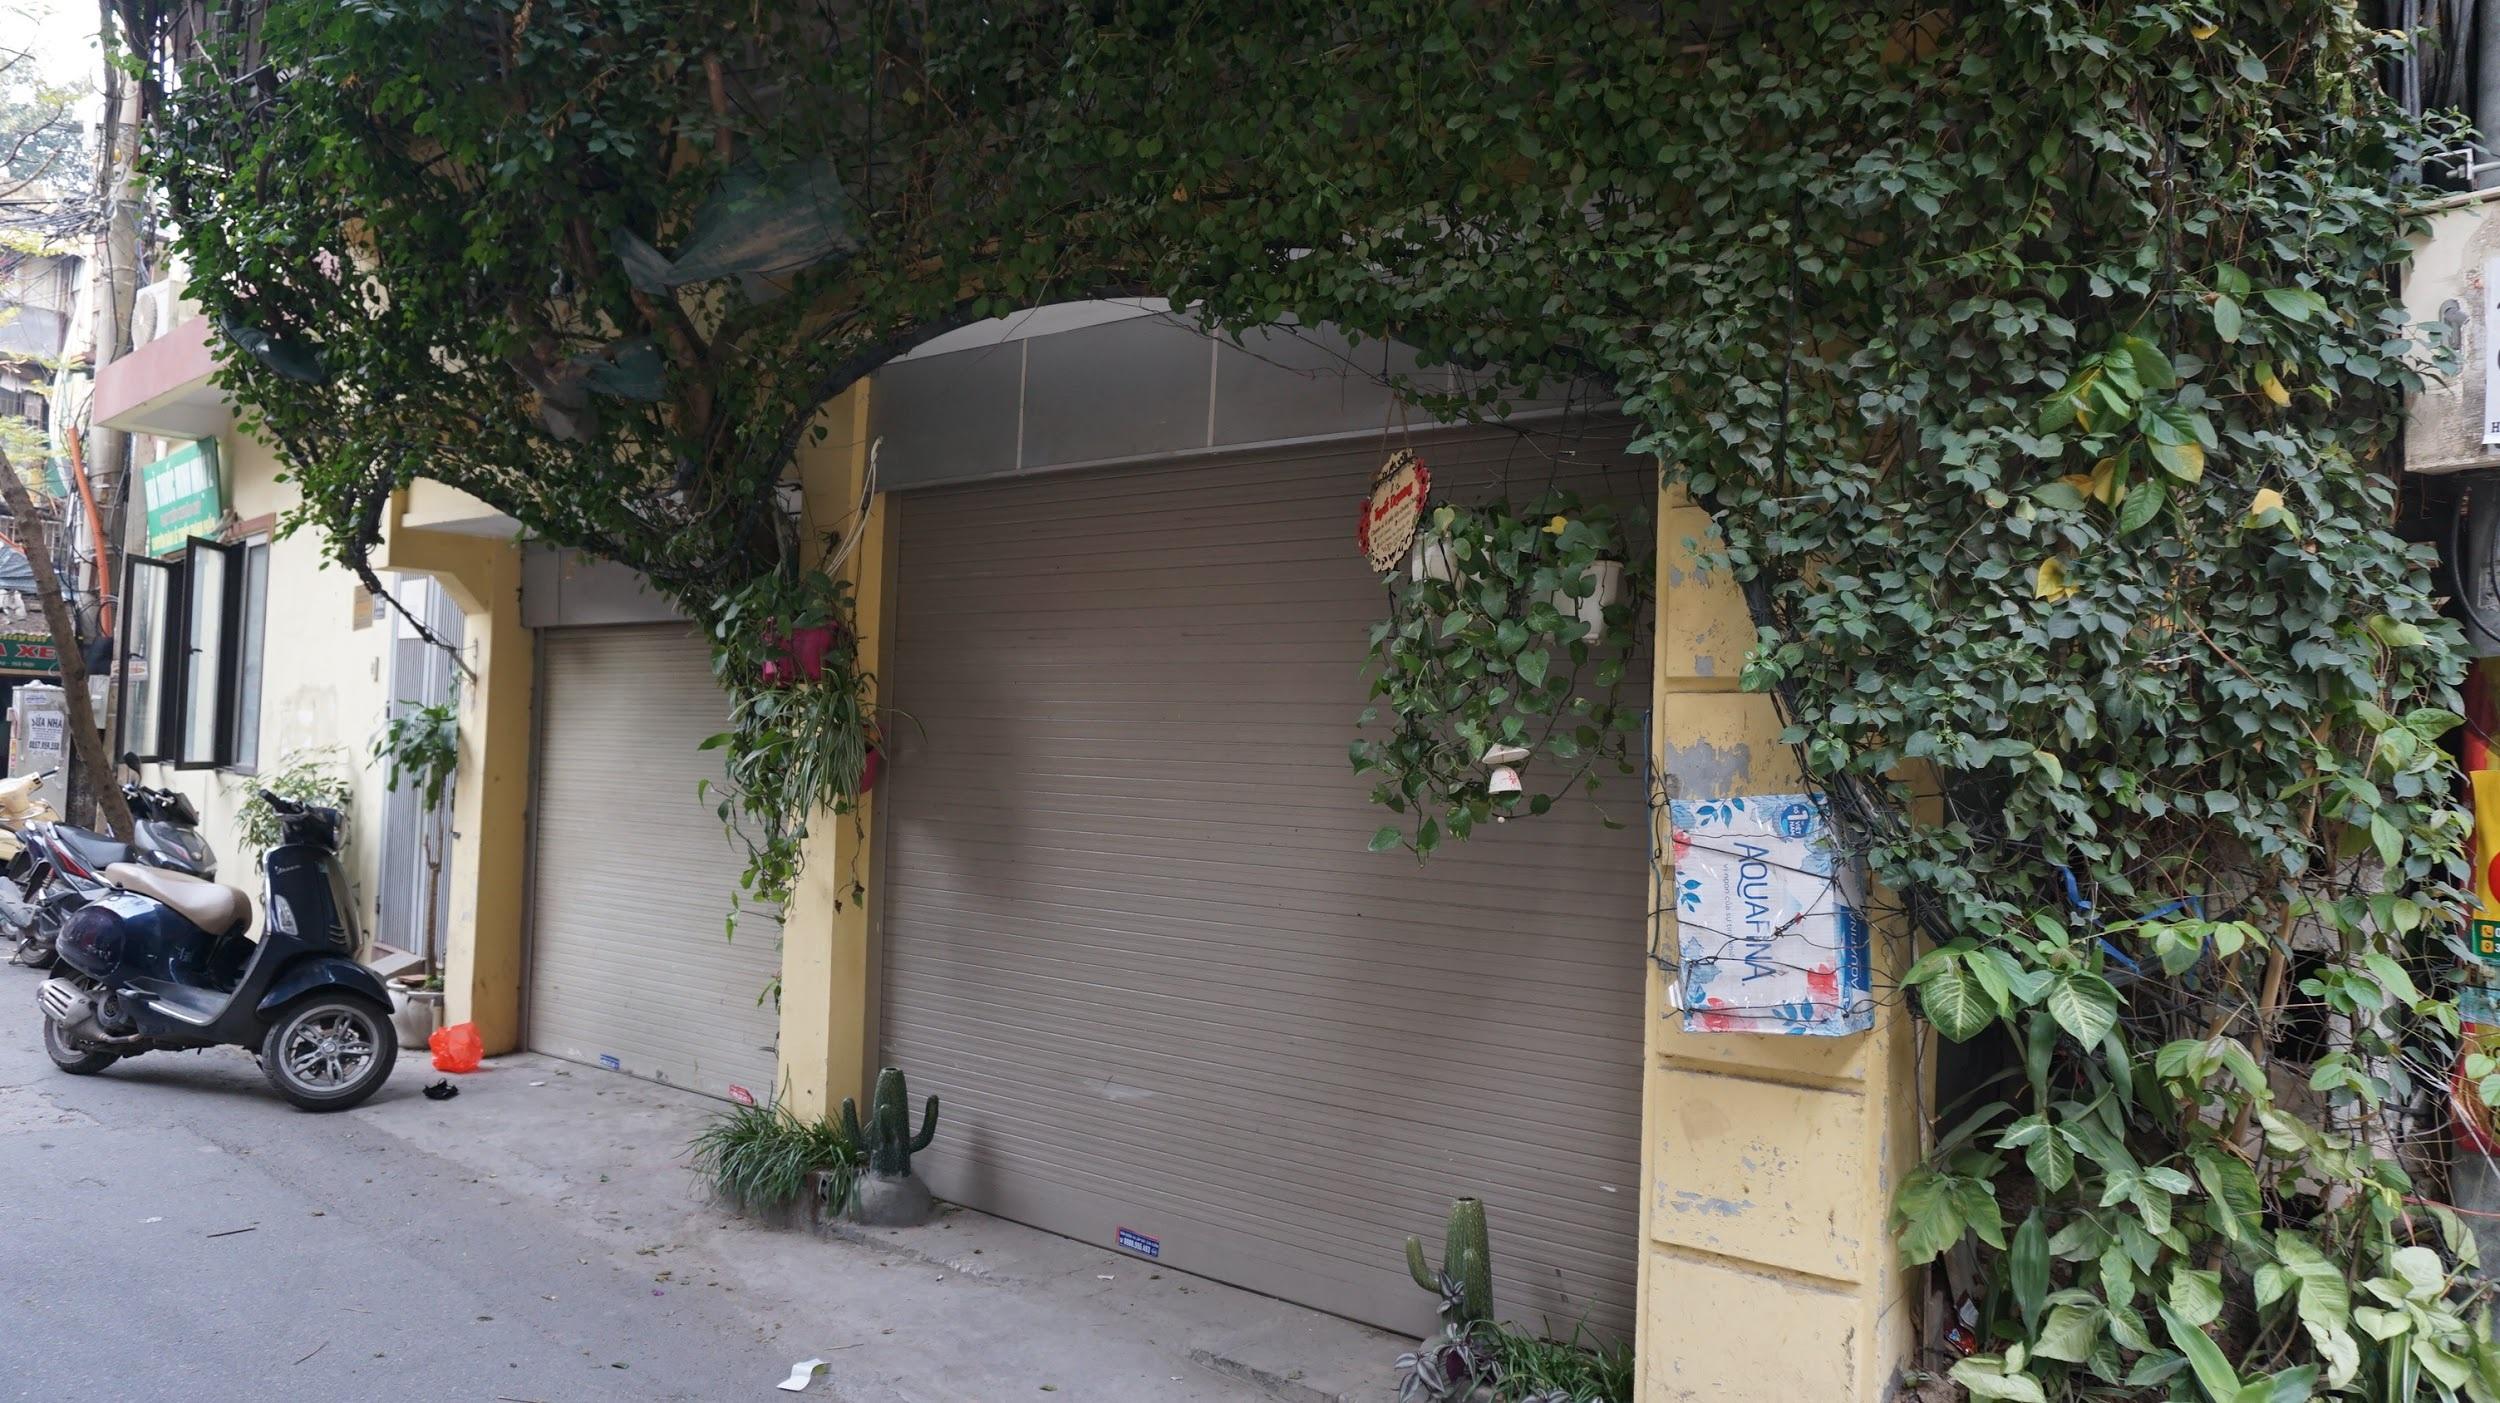 Nhà cây 5 tầng phủ kín hoa giấy ở Hà Nội, ai đi qua cũng dừng lại ngắm - 5